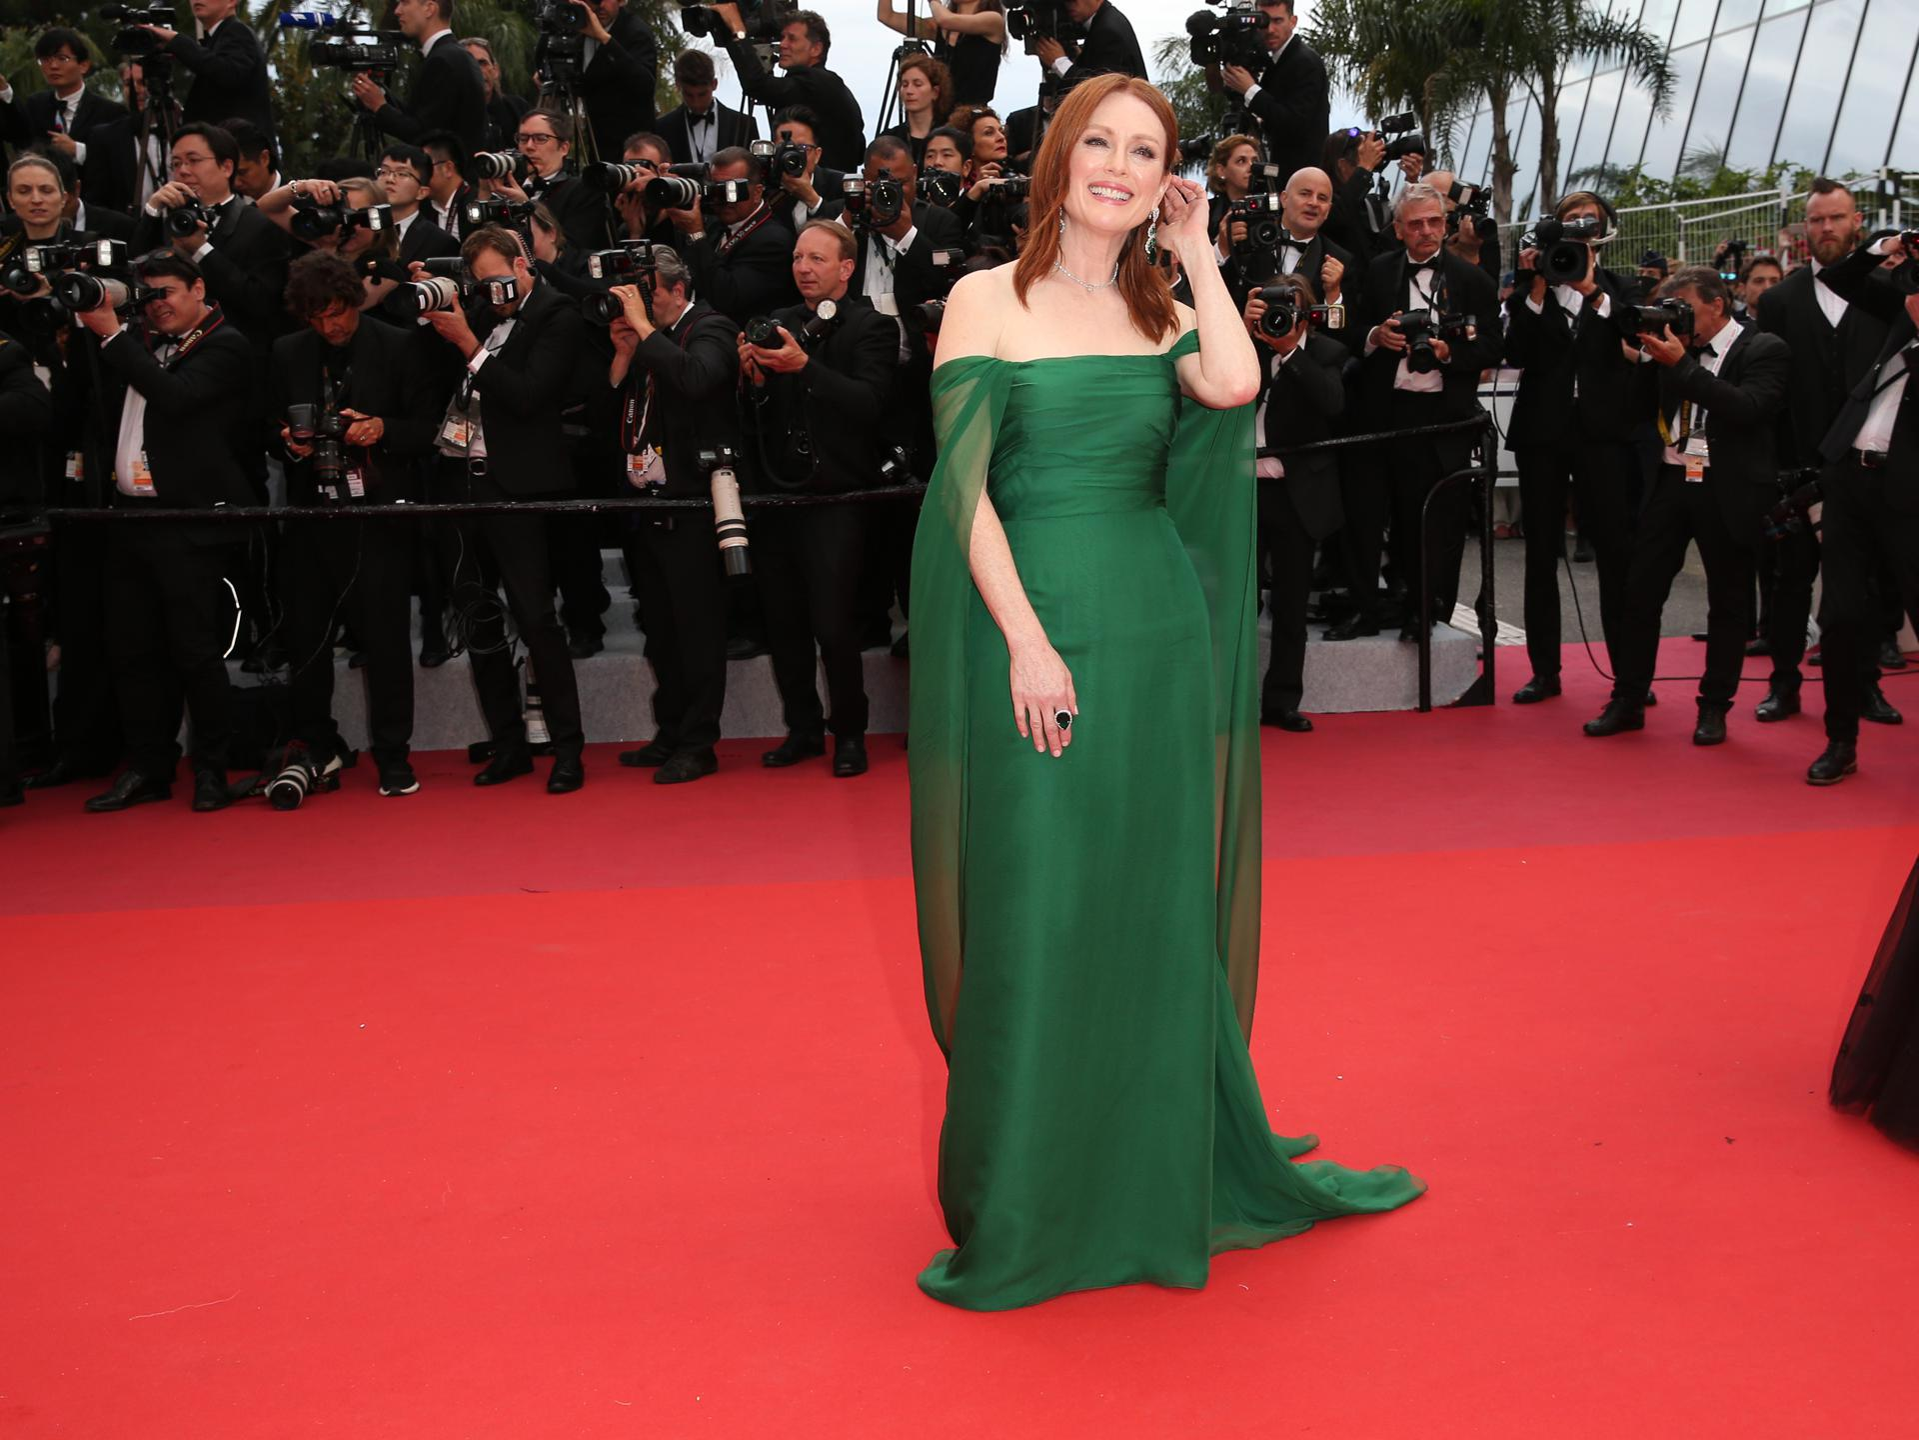 Cannes Film Festival 2019 Julianne Moore